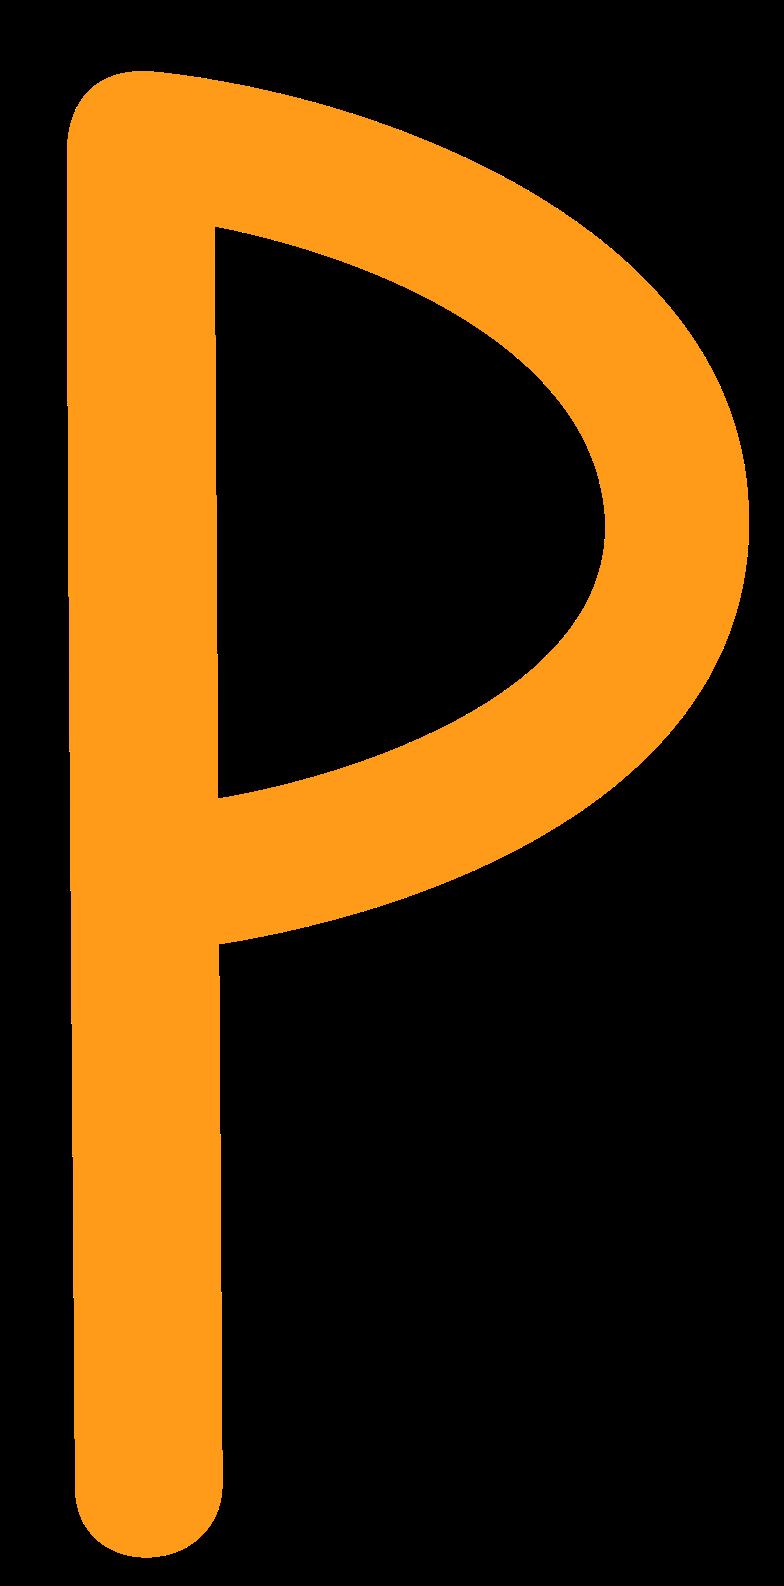 Иллюстрация р желтый в стиле  в PNG и SVG | Icons8 Иллюстрации